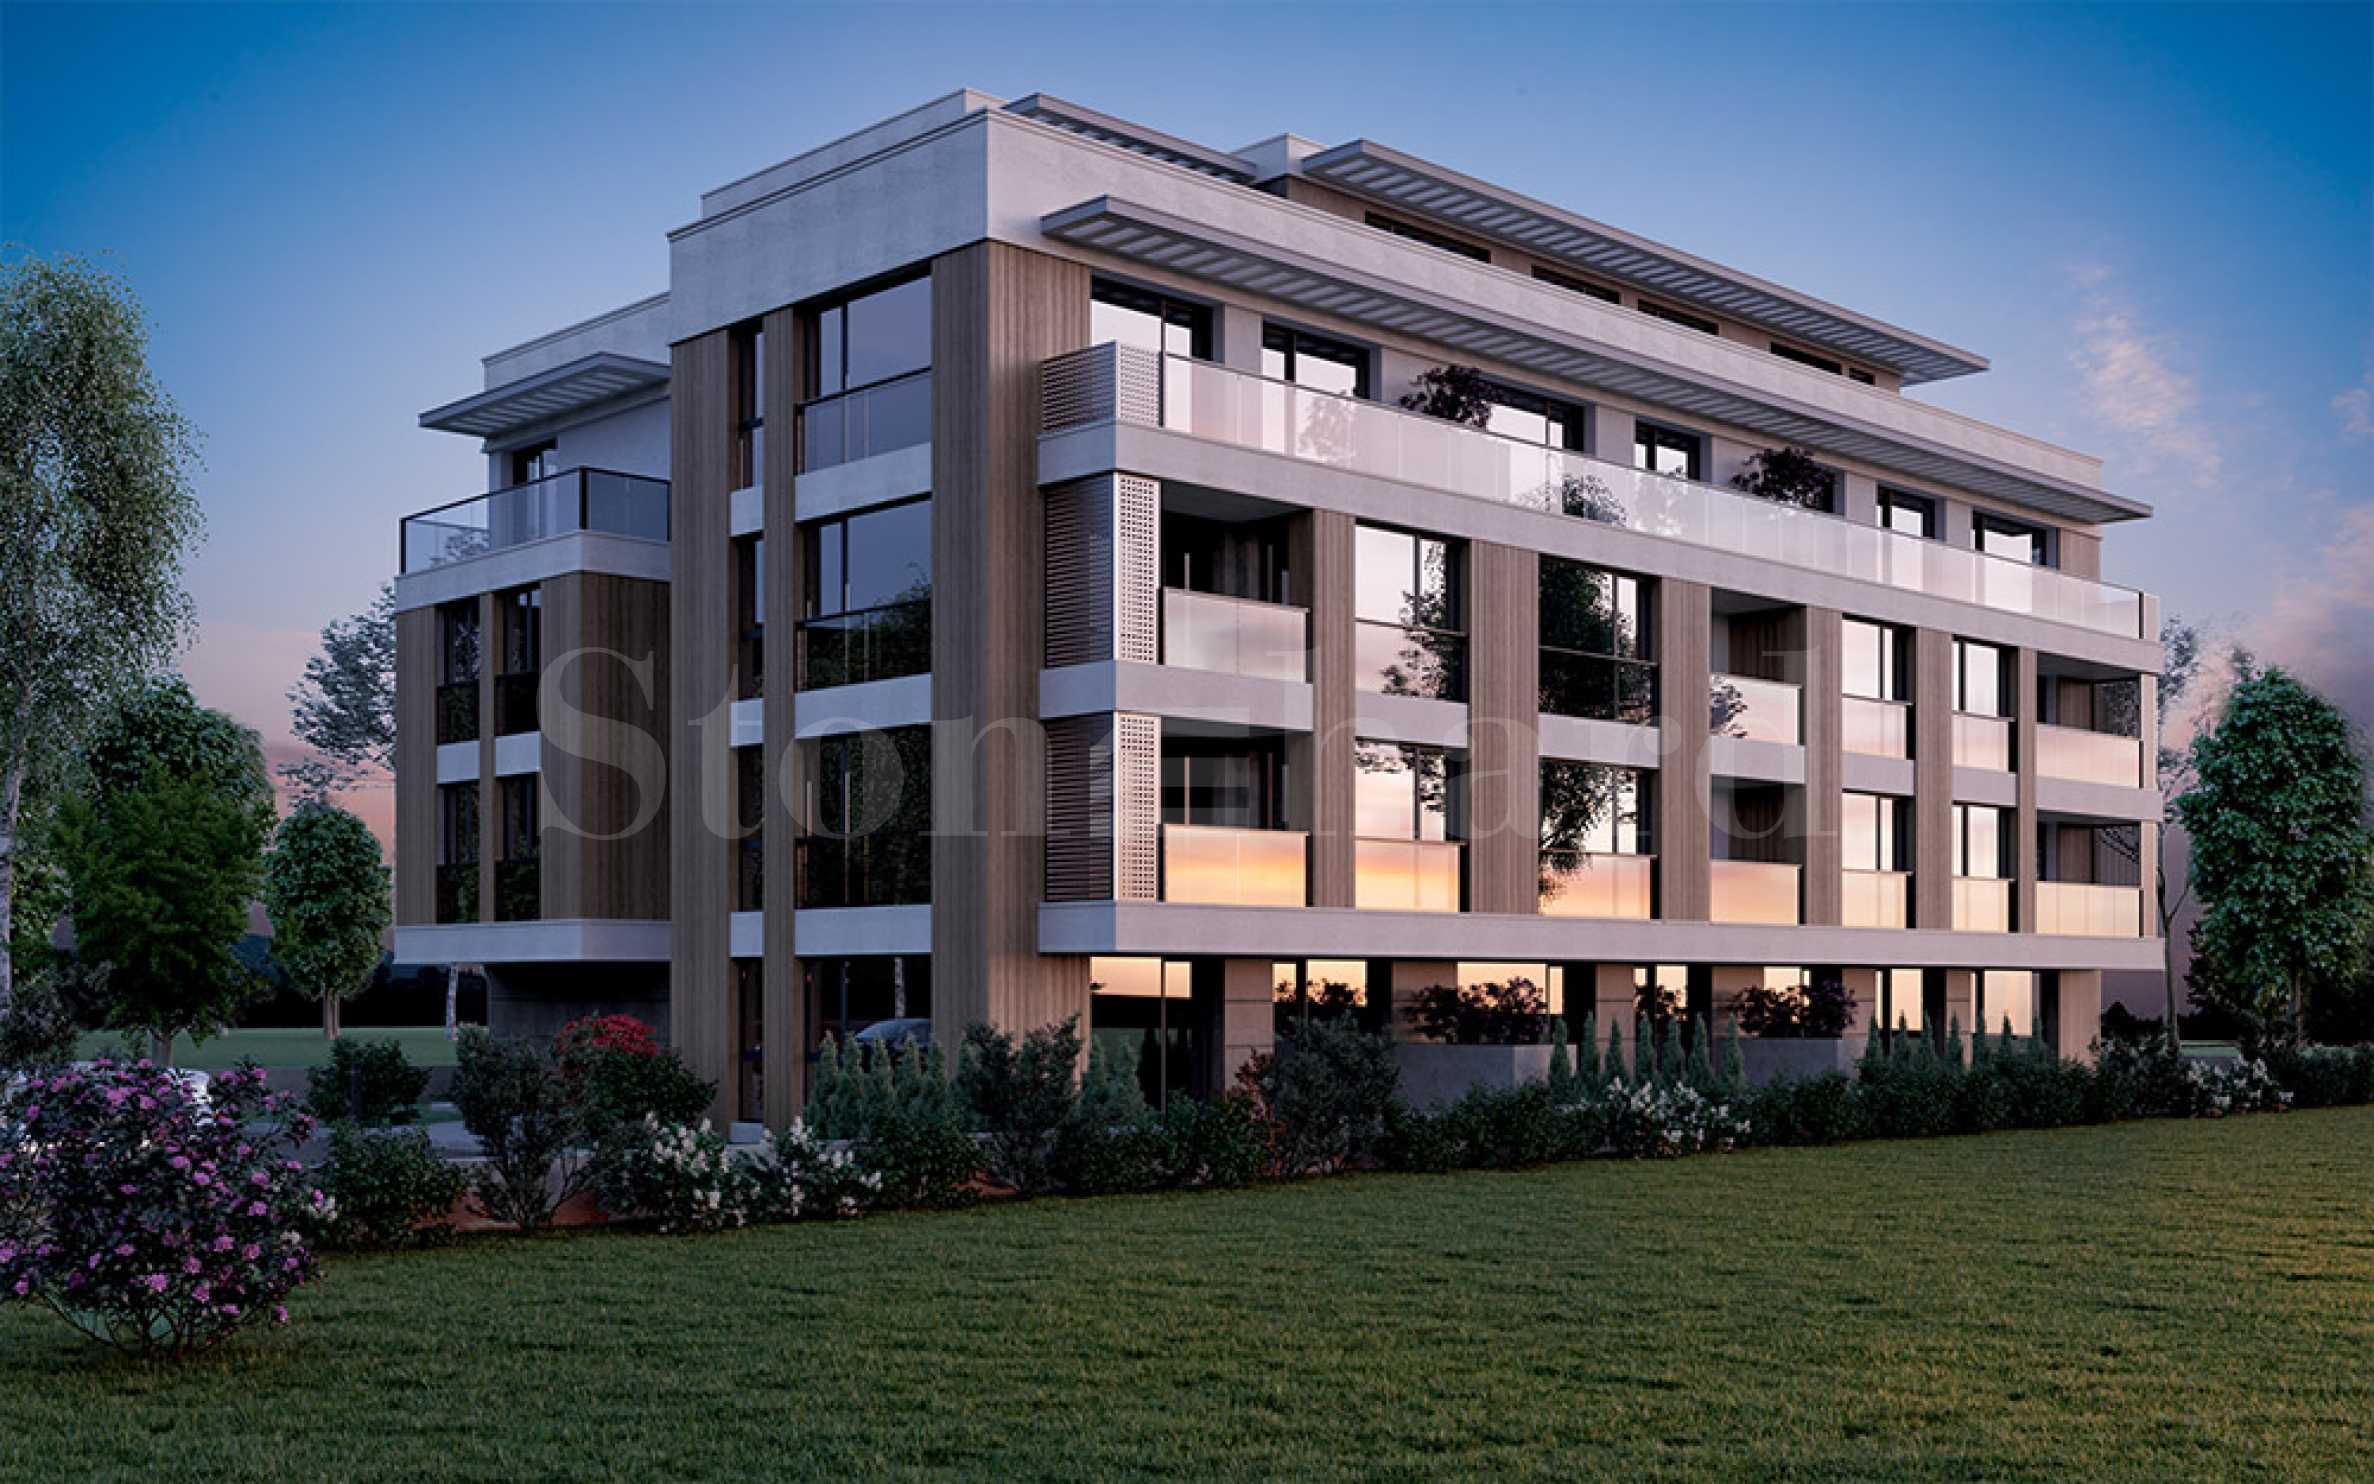 Нов бутиков жилищен комплекс в района на Гребната база2 - Stonehard